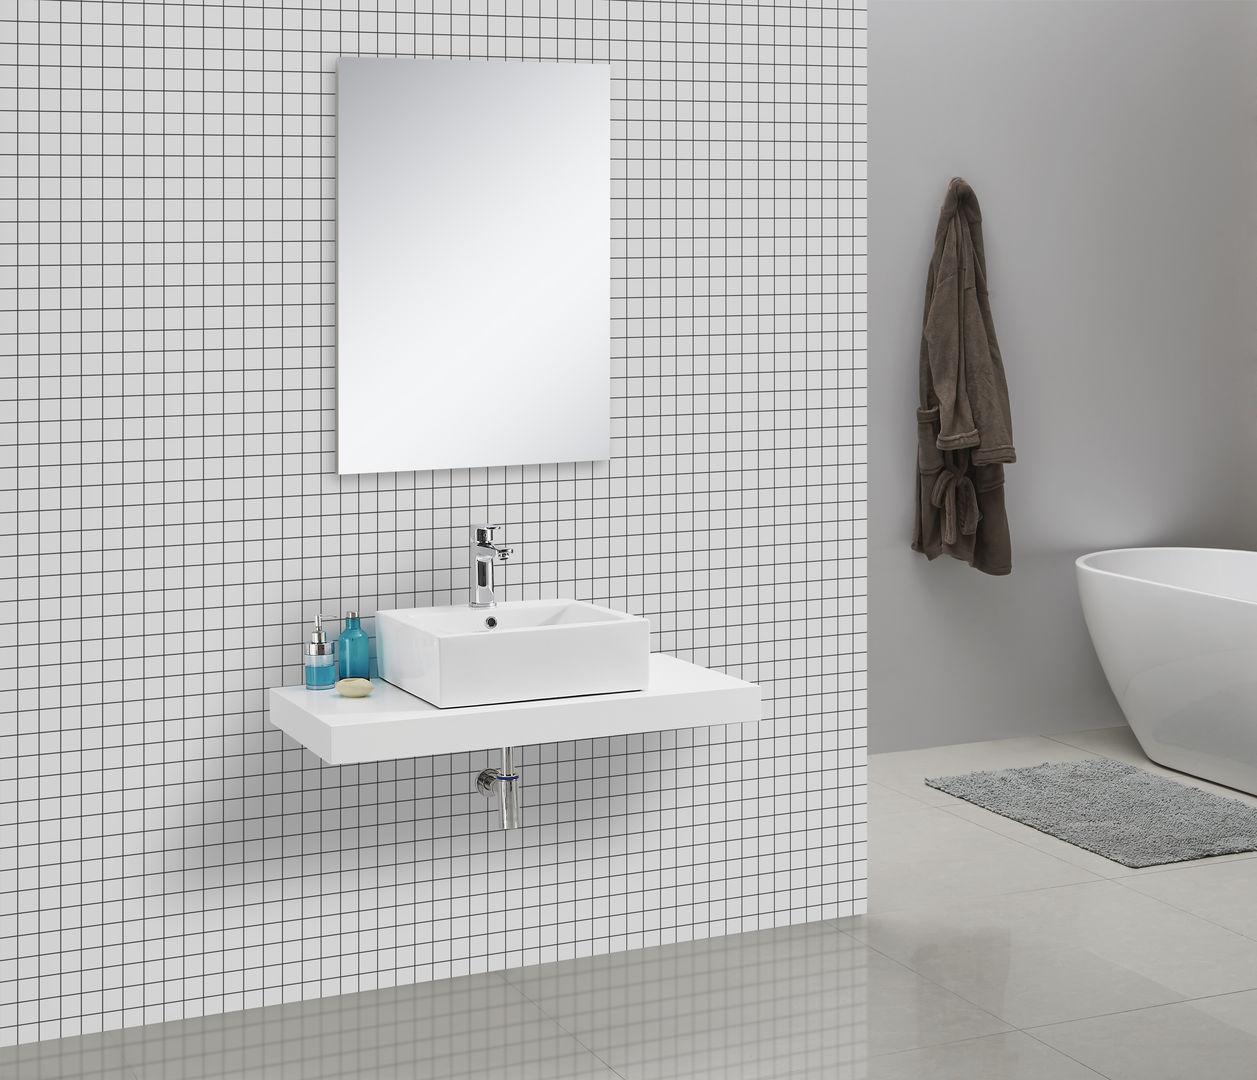 Waschtischkonsole CADENA 100 x 50 cm, Echtholz (weiß)